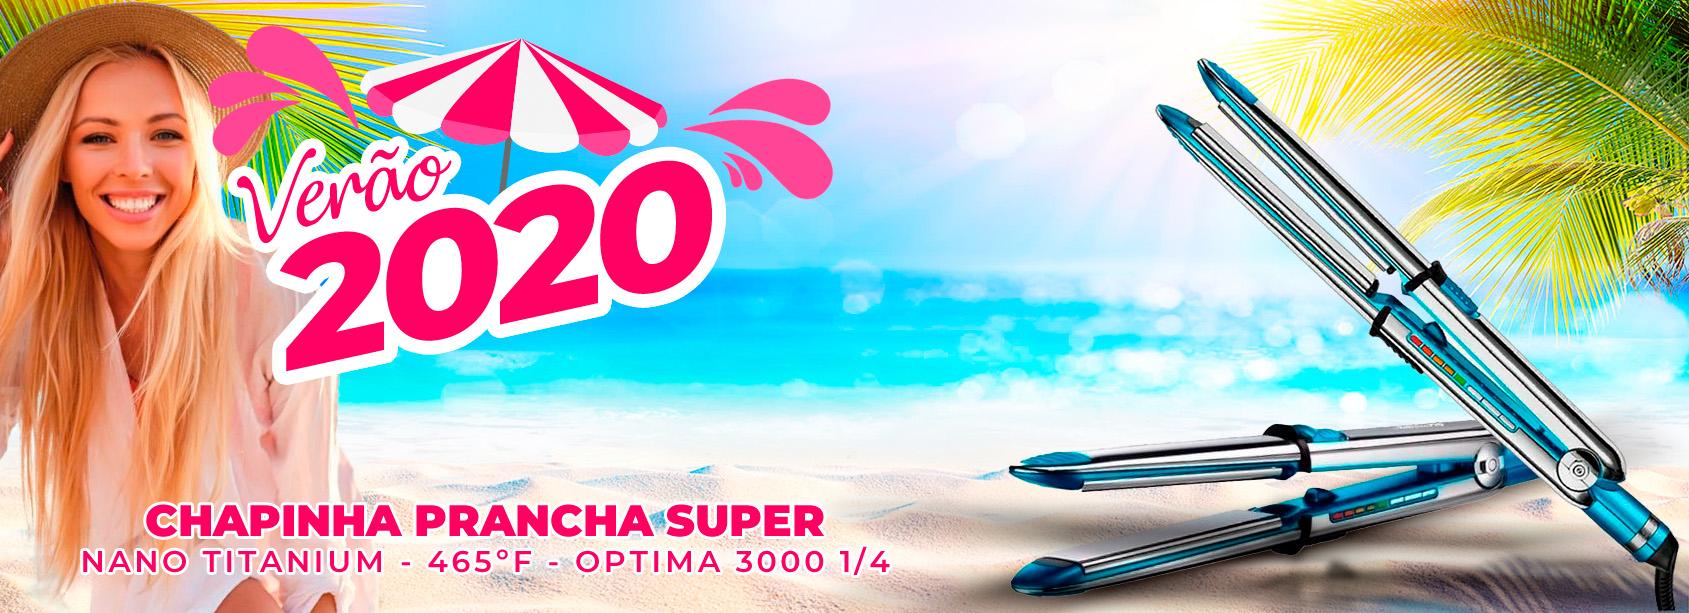 Banner 1 - Verão 2020